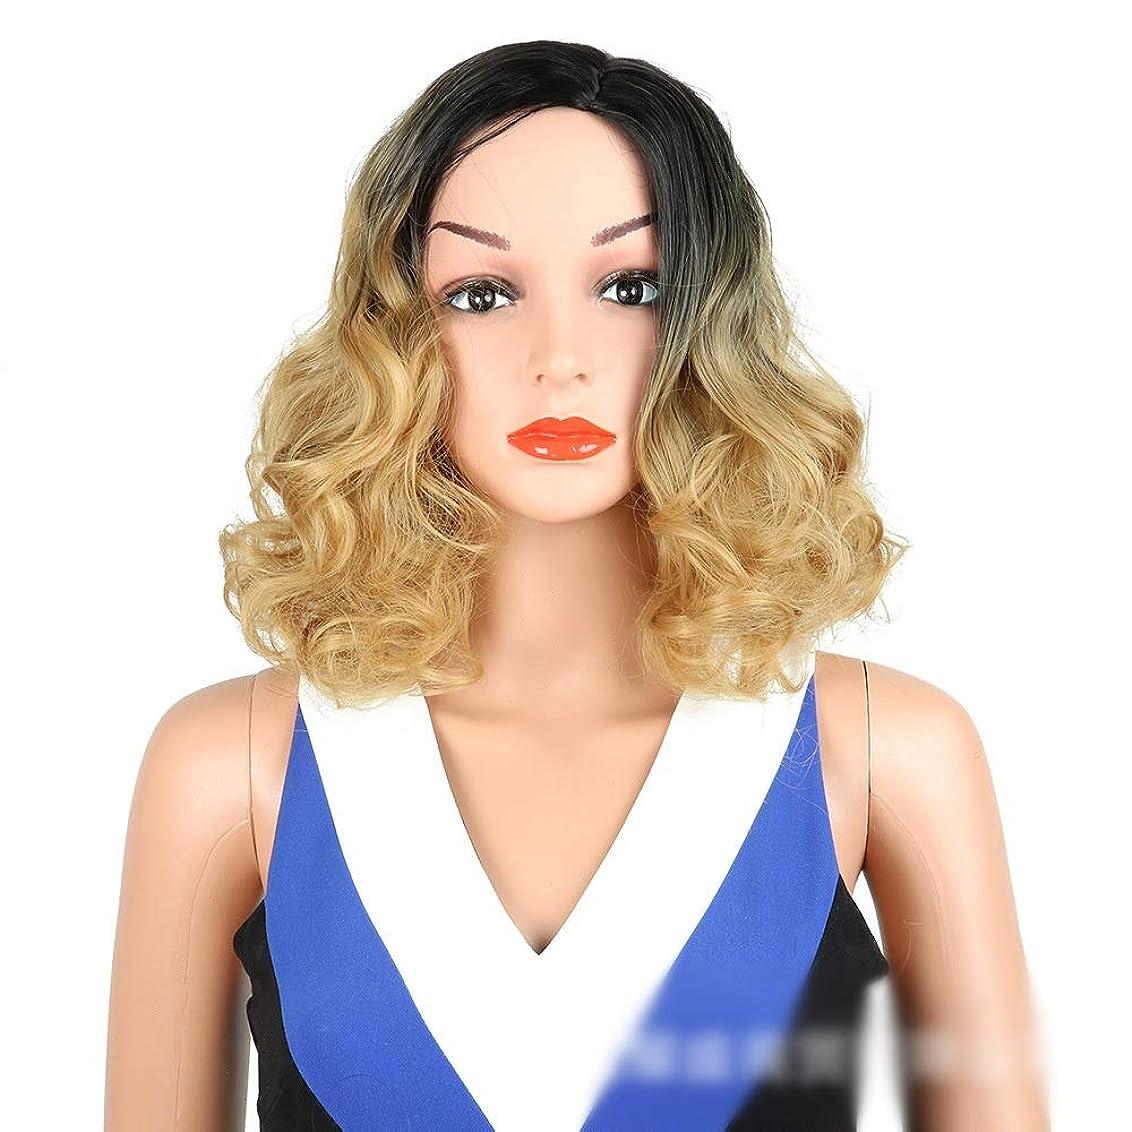 系統的アーティストエゴイズムかつら 自然な見た目のオンブルブロンドのかつら黒は長い巻き毛の機械で作られた合成かつら女性のためのかつら (色 : Blonde)